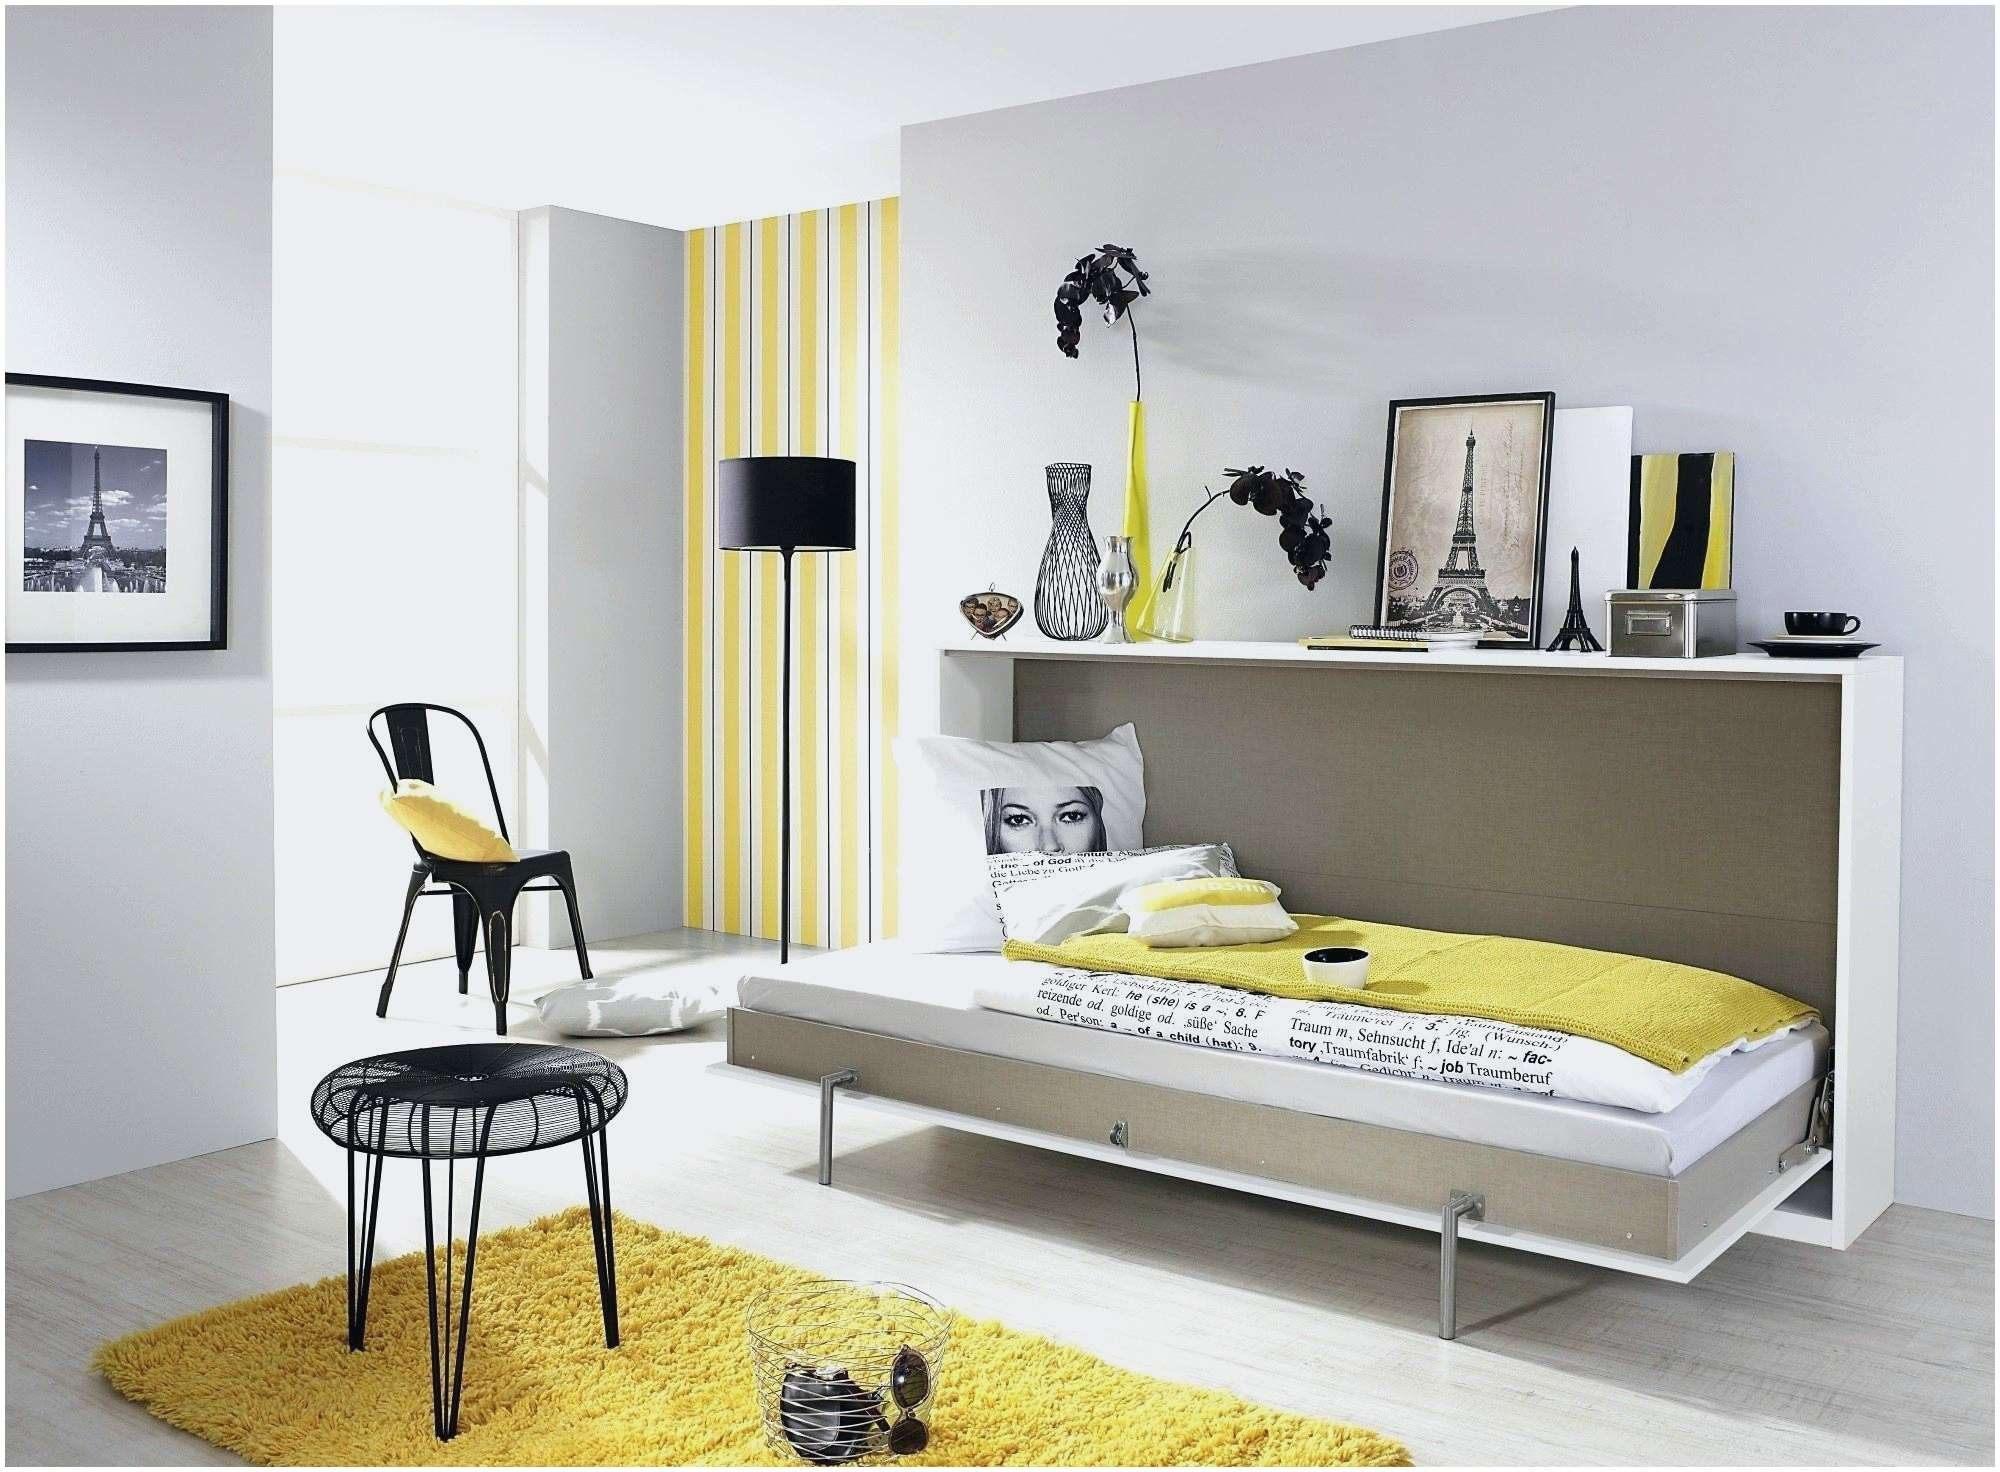 Lit 160x200 sommier Inclus Agréable Frais Lit Design 160—200 Primaire Collection sommier Matelas 160—200